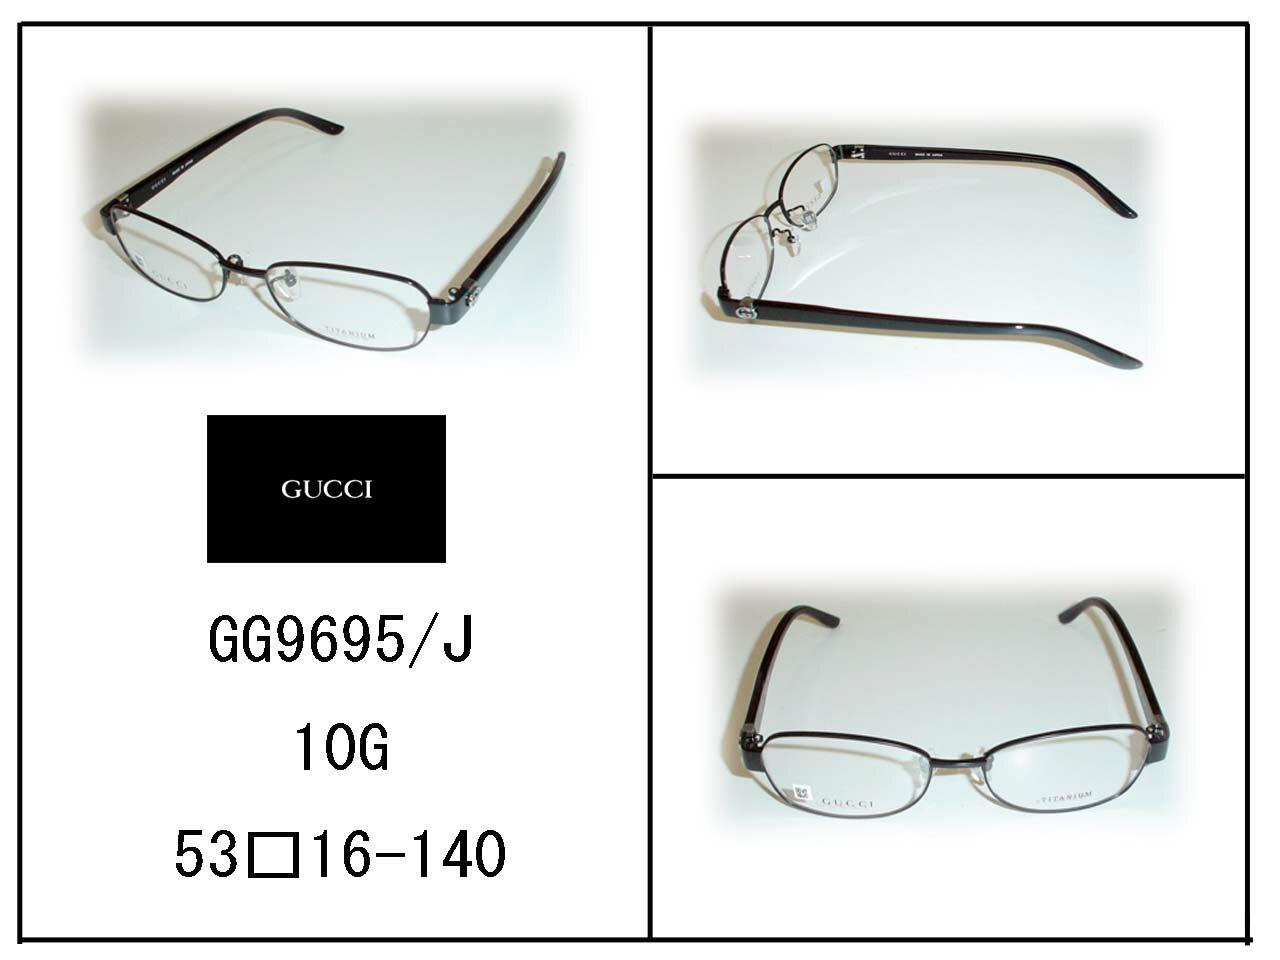 超薄型非球面レンズ付 ★★GUCCI(グッチ)★★ GG9695/J 10G53□16-140